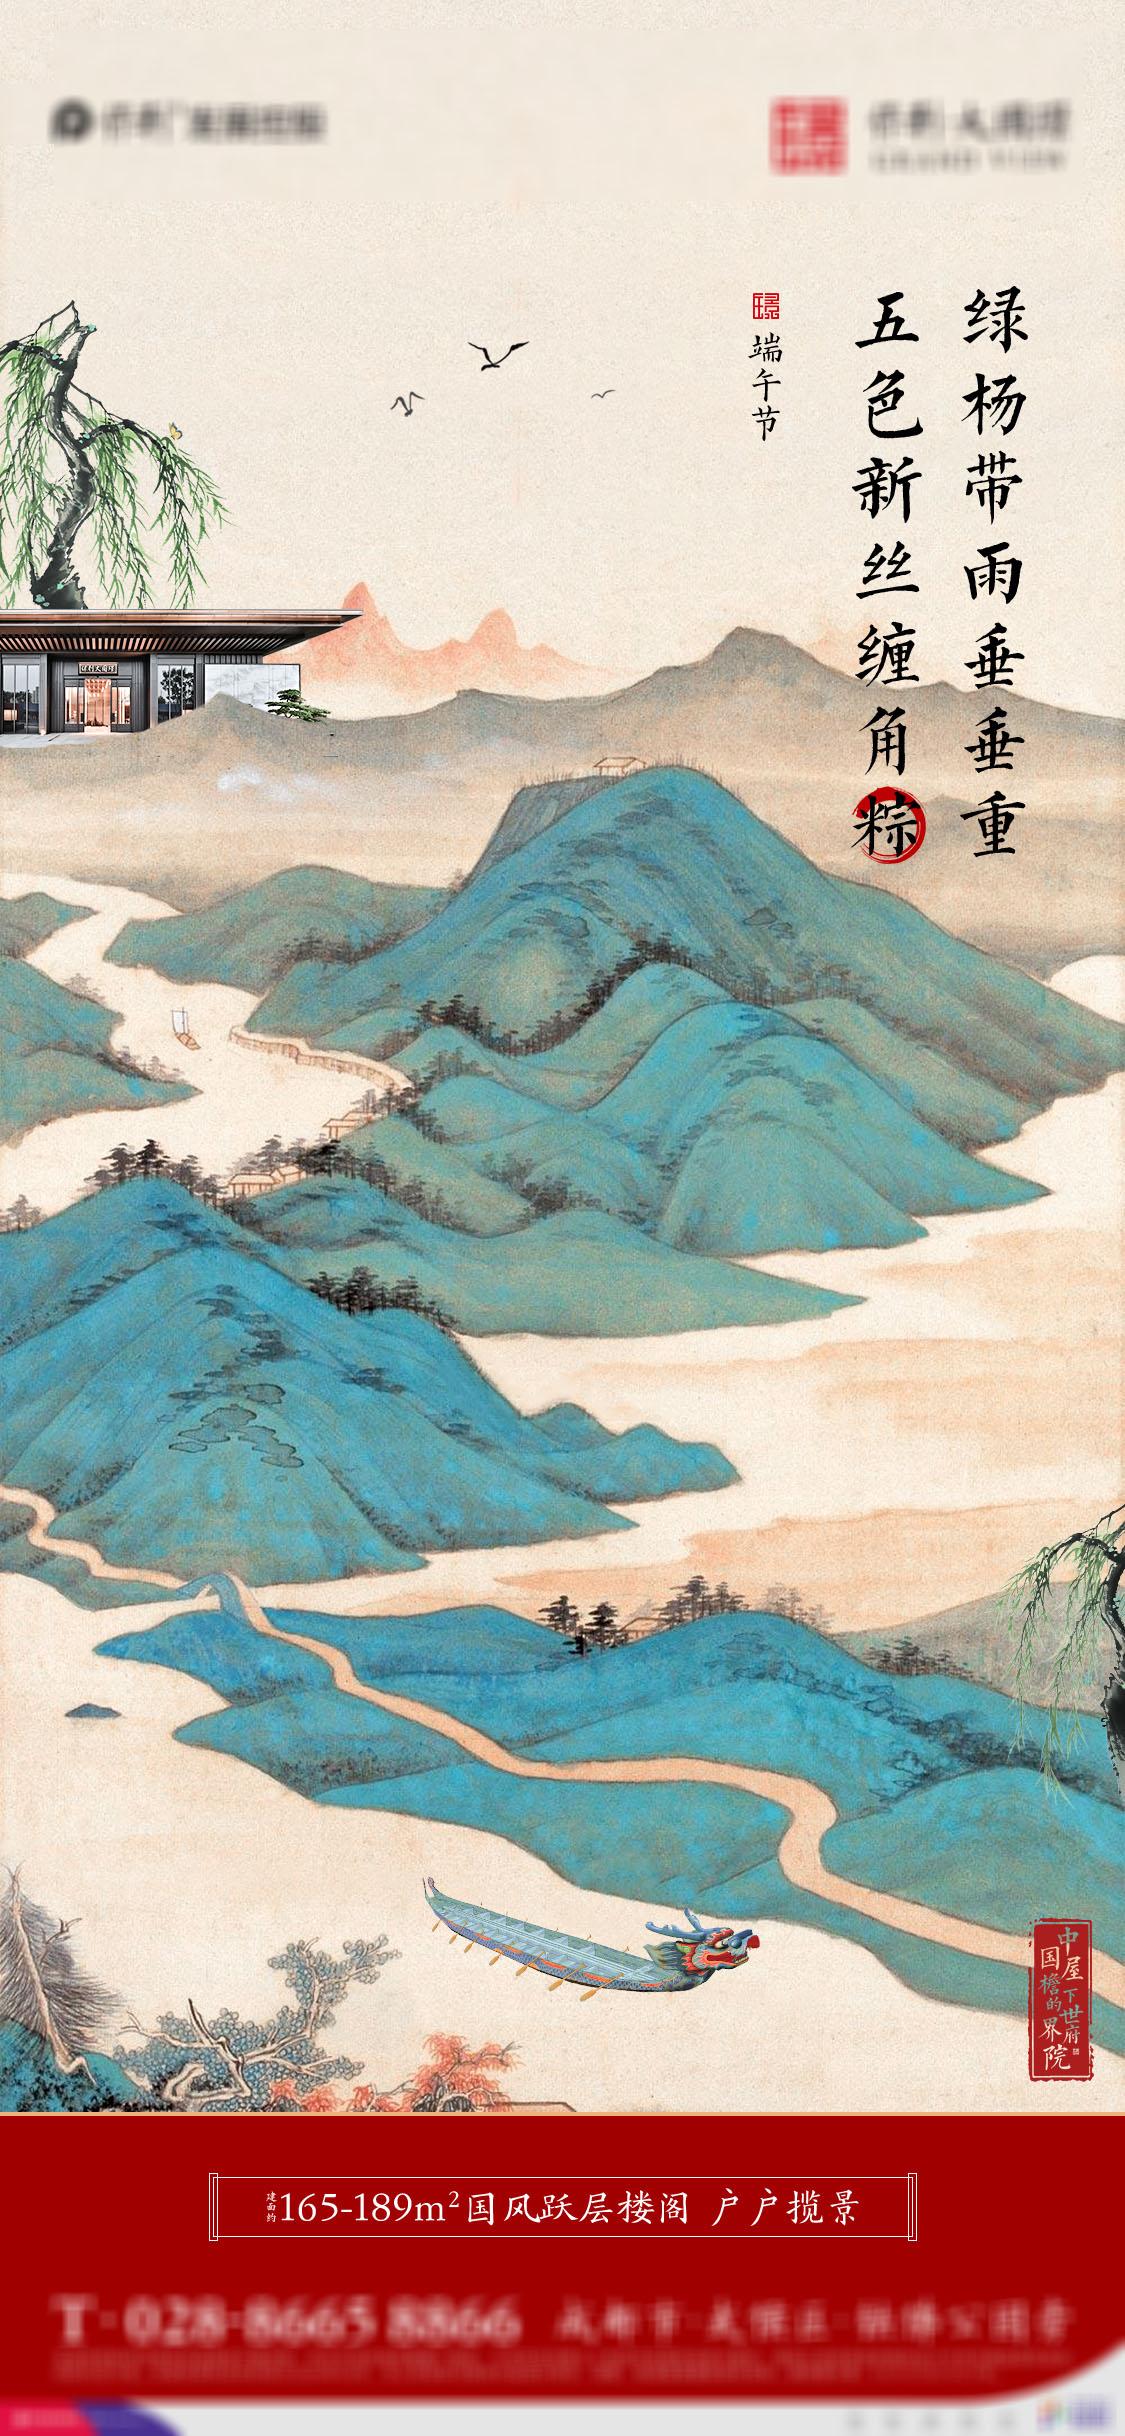 中式房地产端午节海报PSD源文件插图